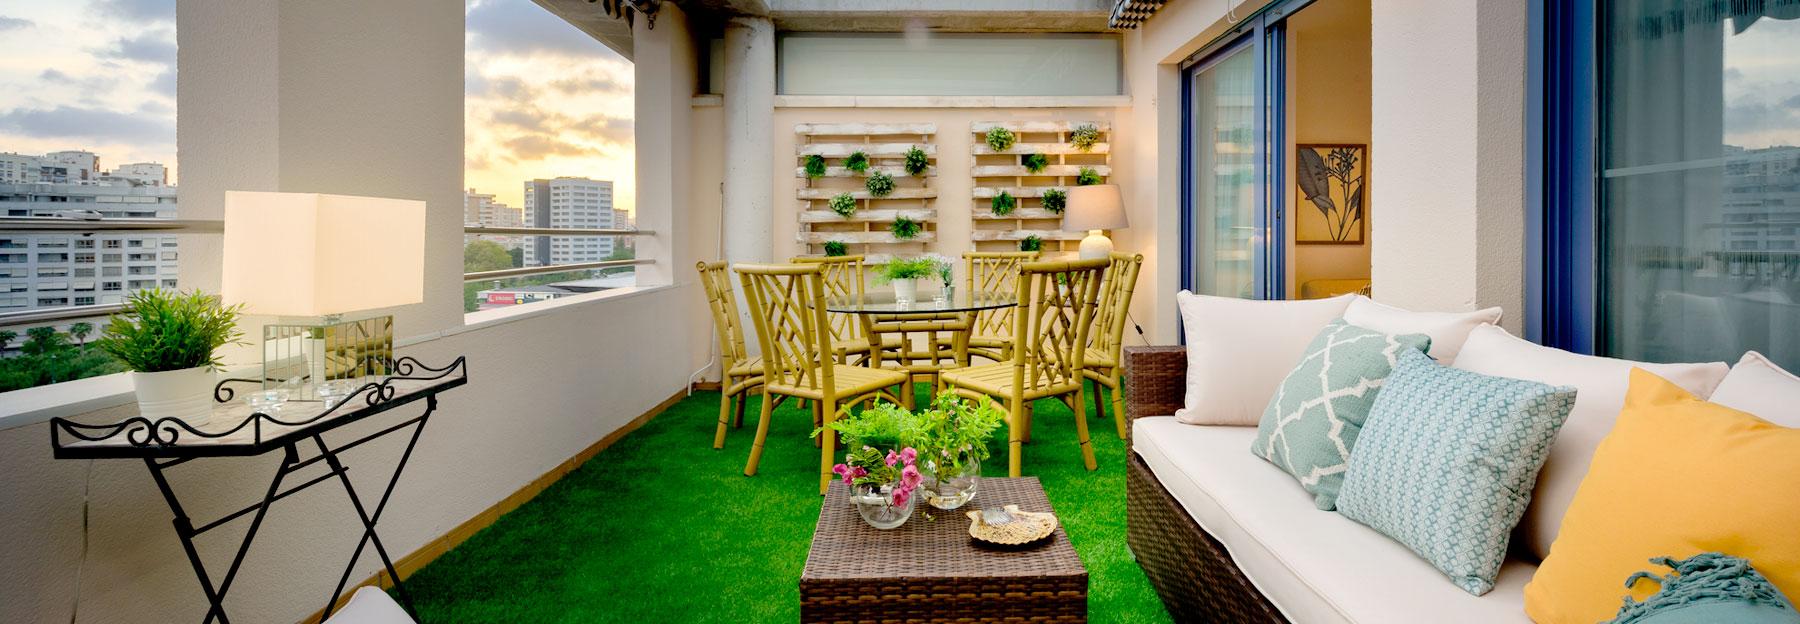 Luxury Apartment in Málaga